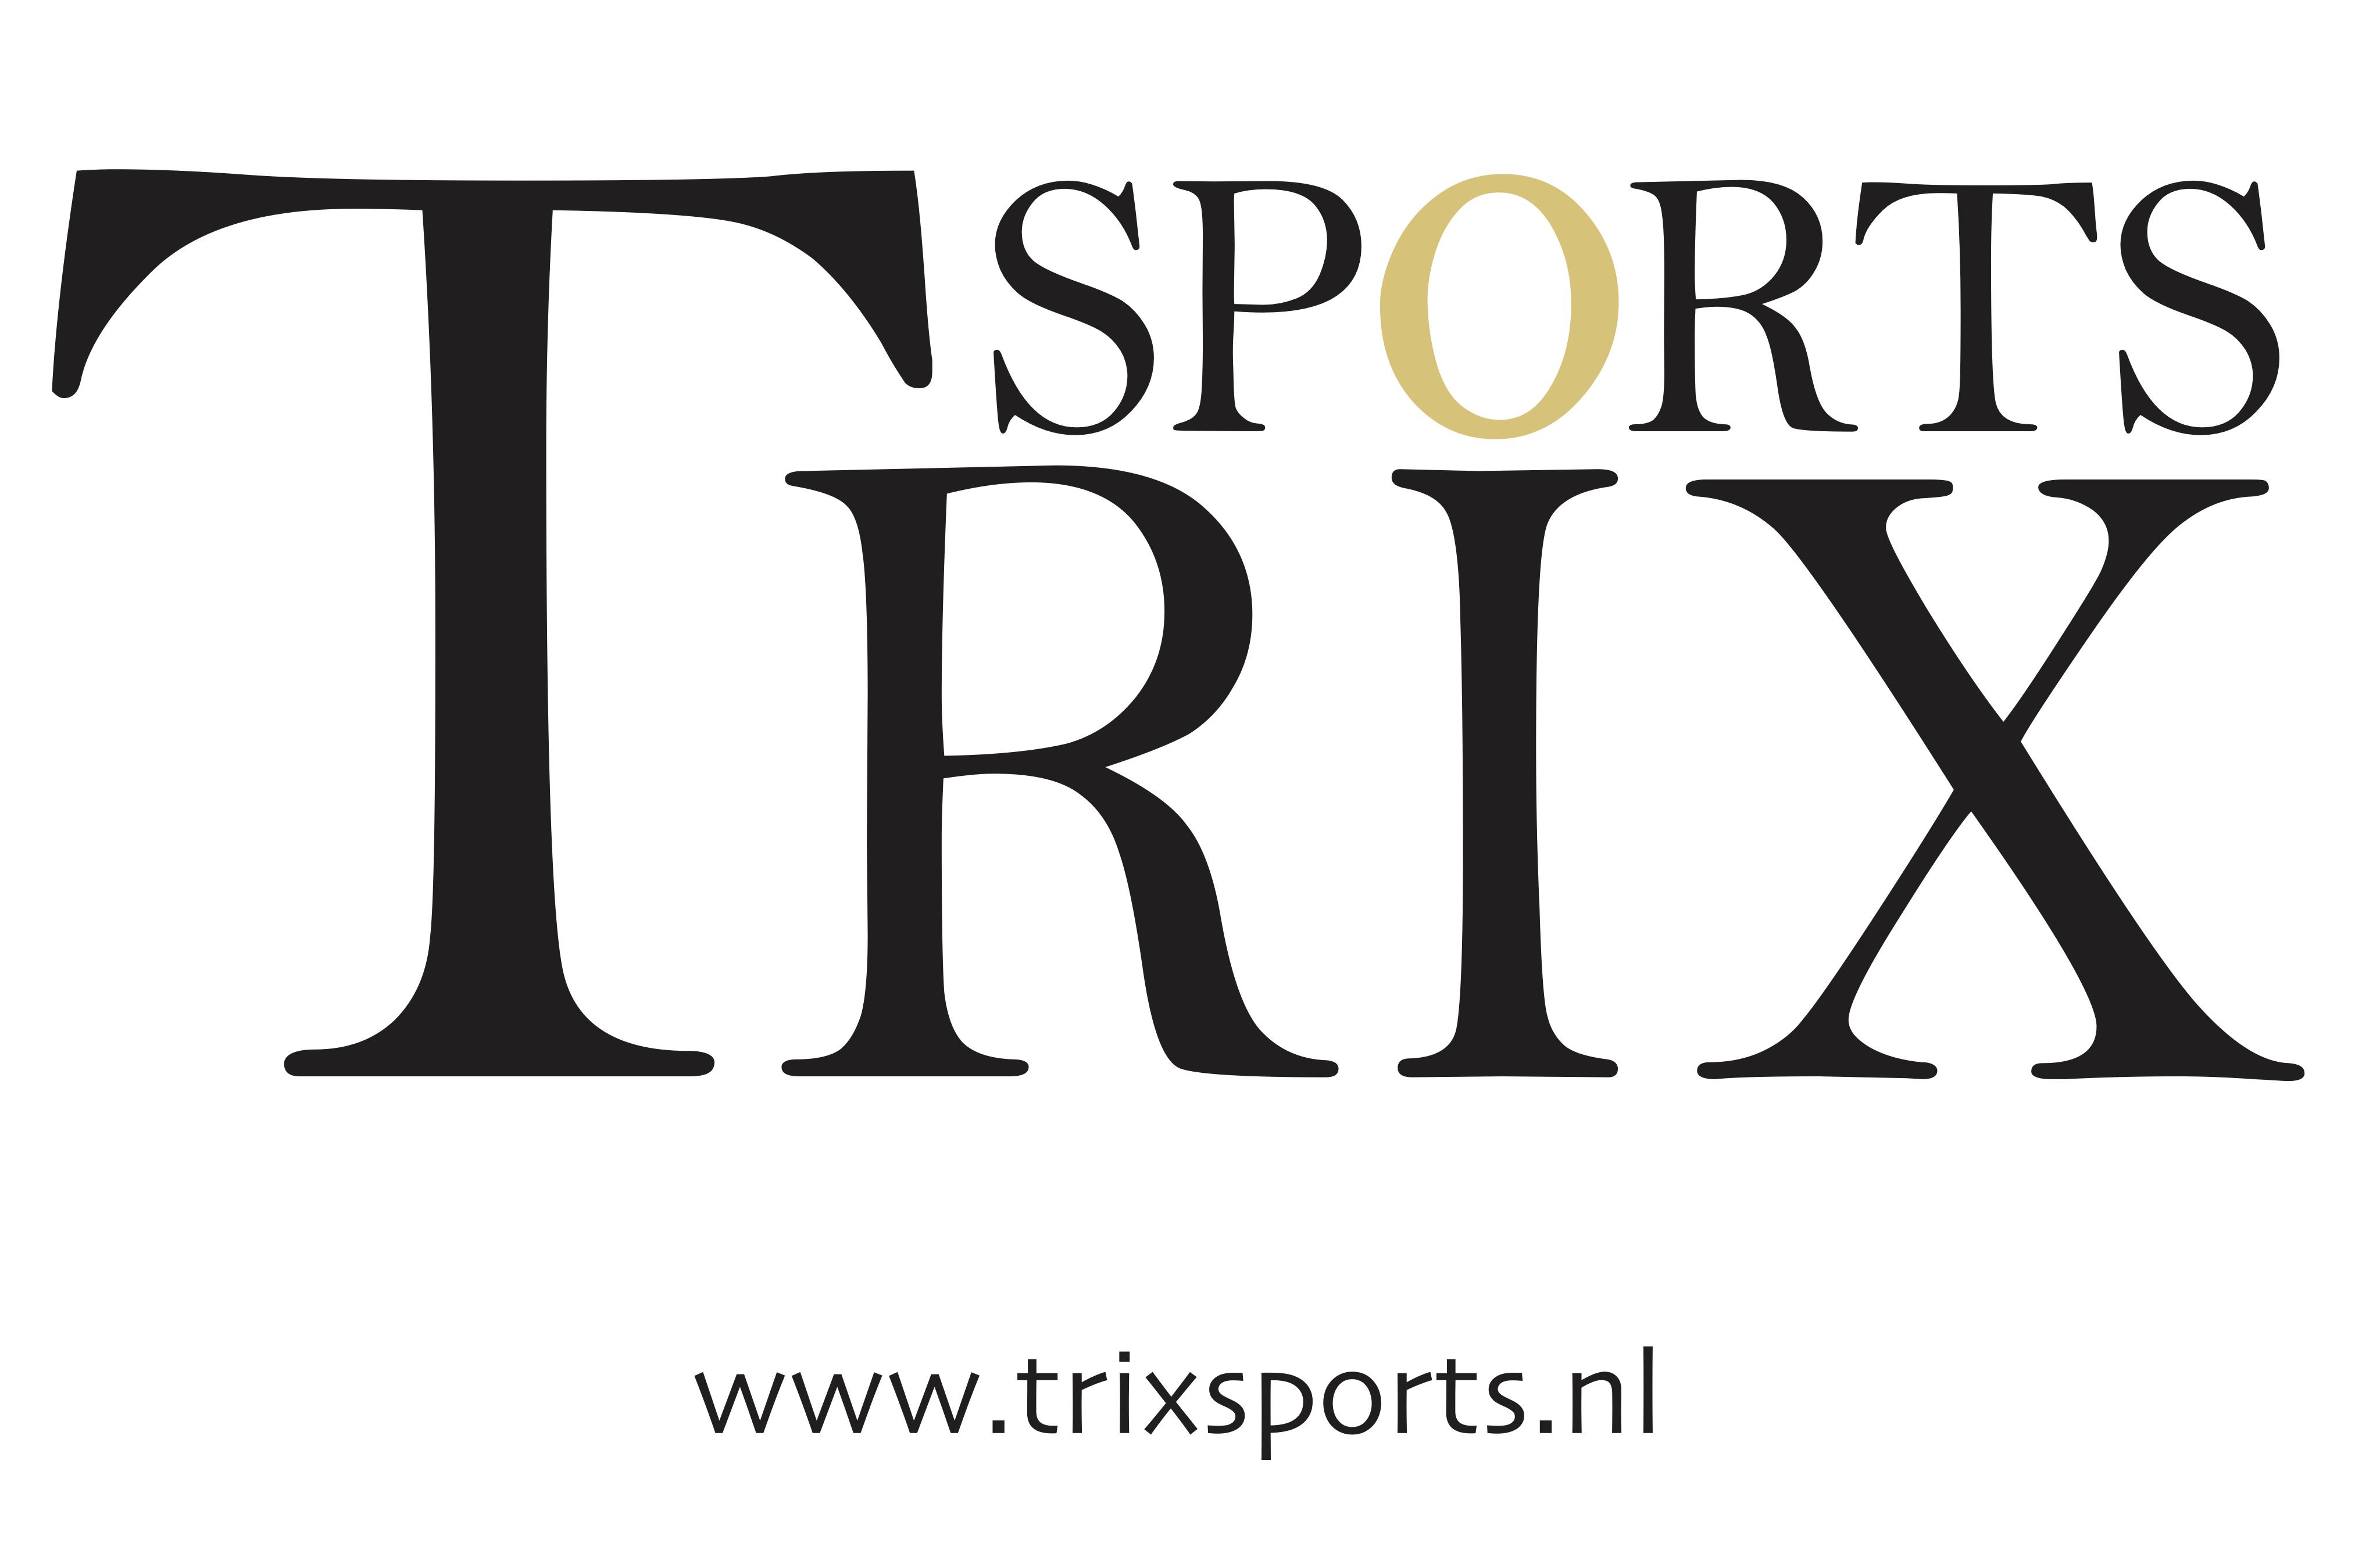 50 Trix Sports logo